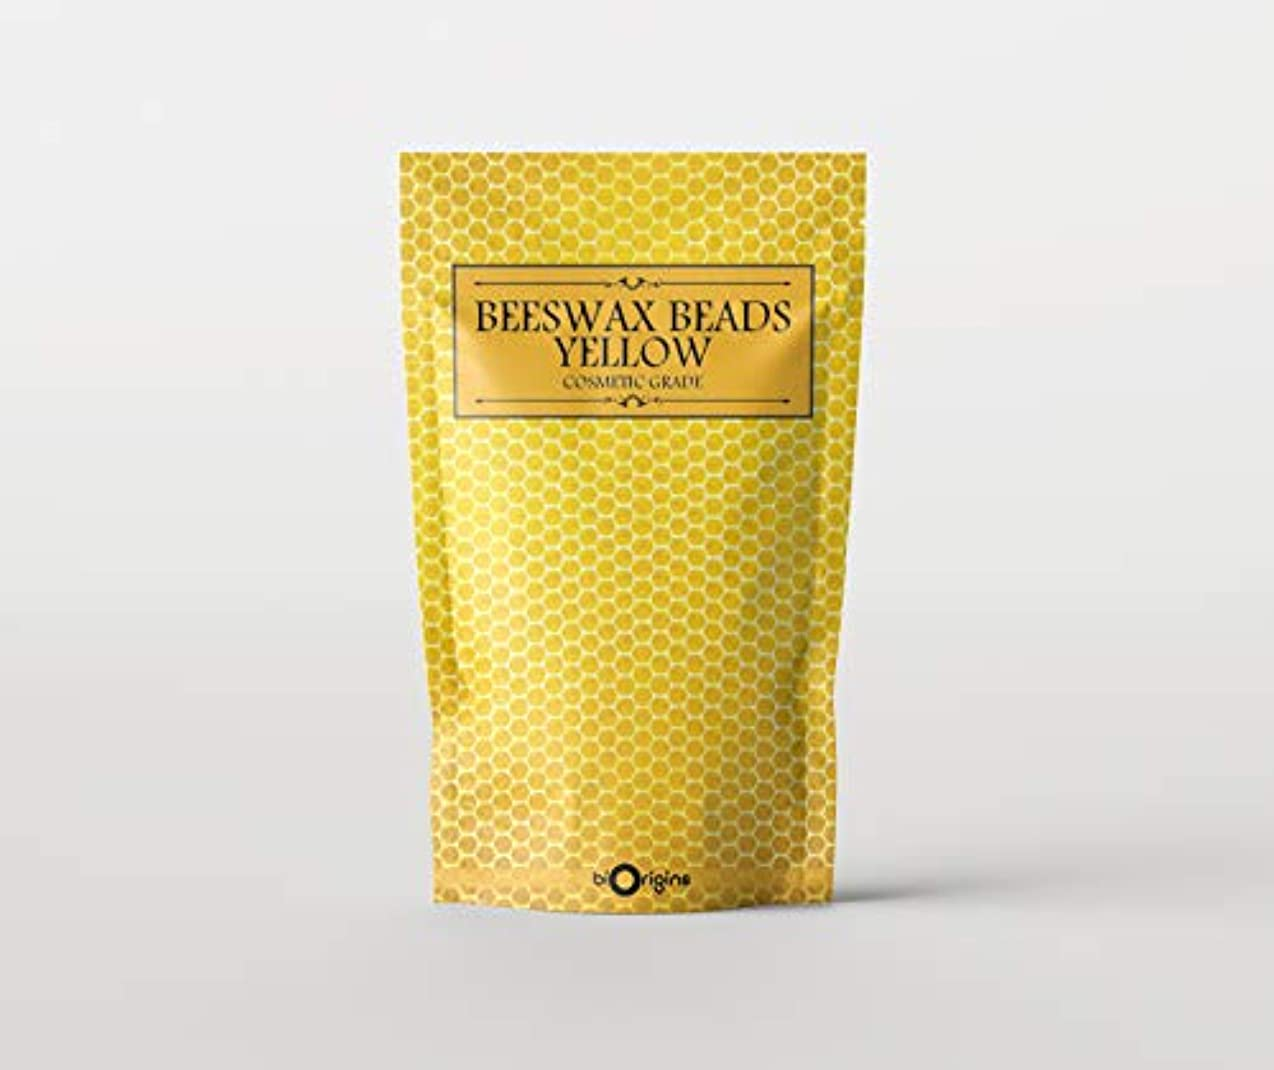 六紳士効果Beeswax Beads Yellow - Cosmetic Grade - 500g